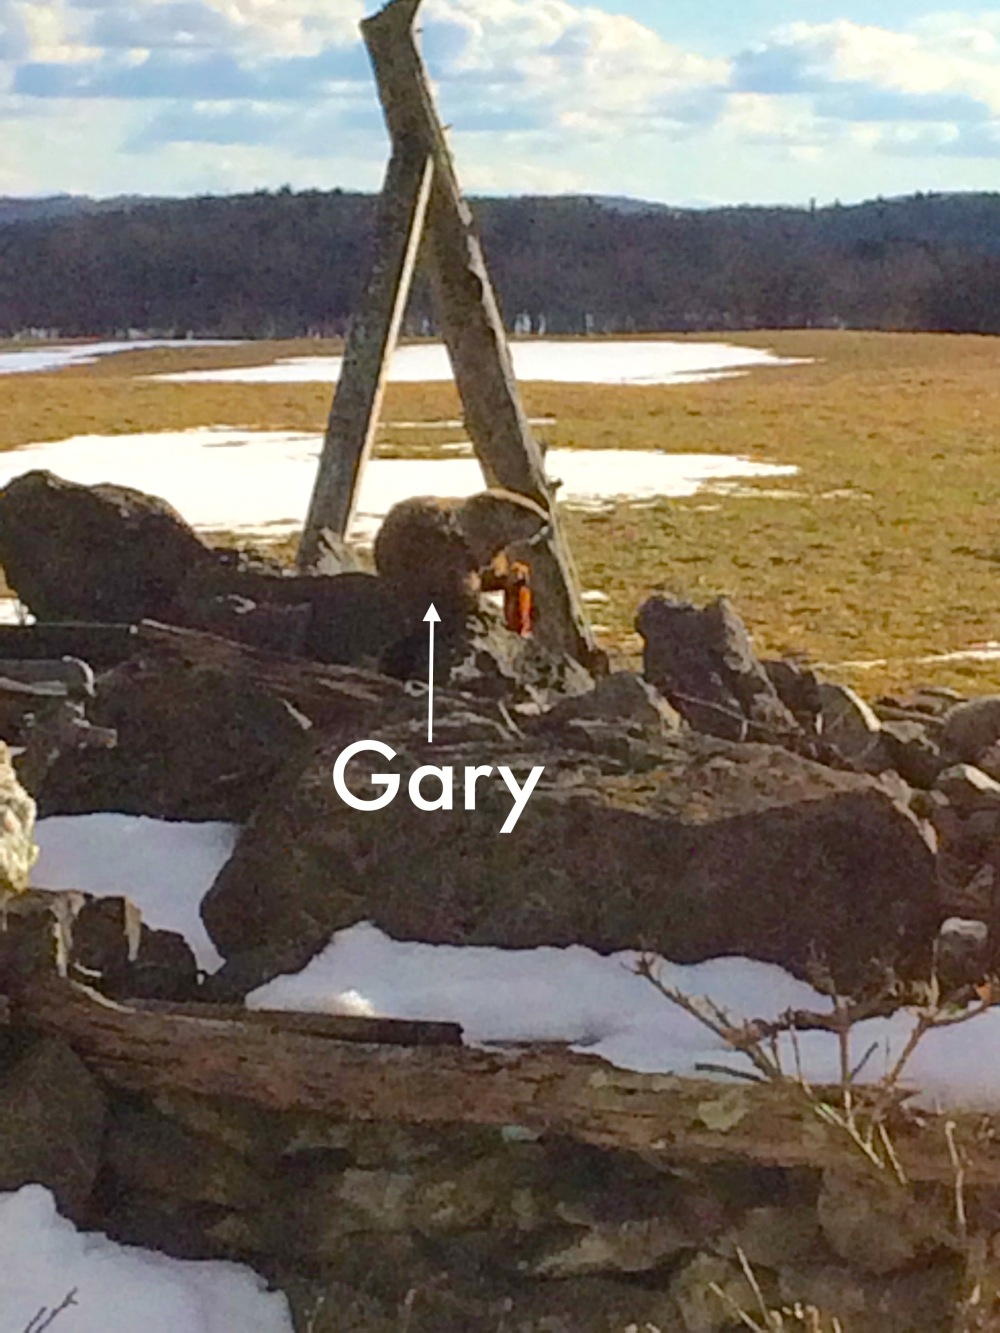 Gary the beaver.jpg